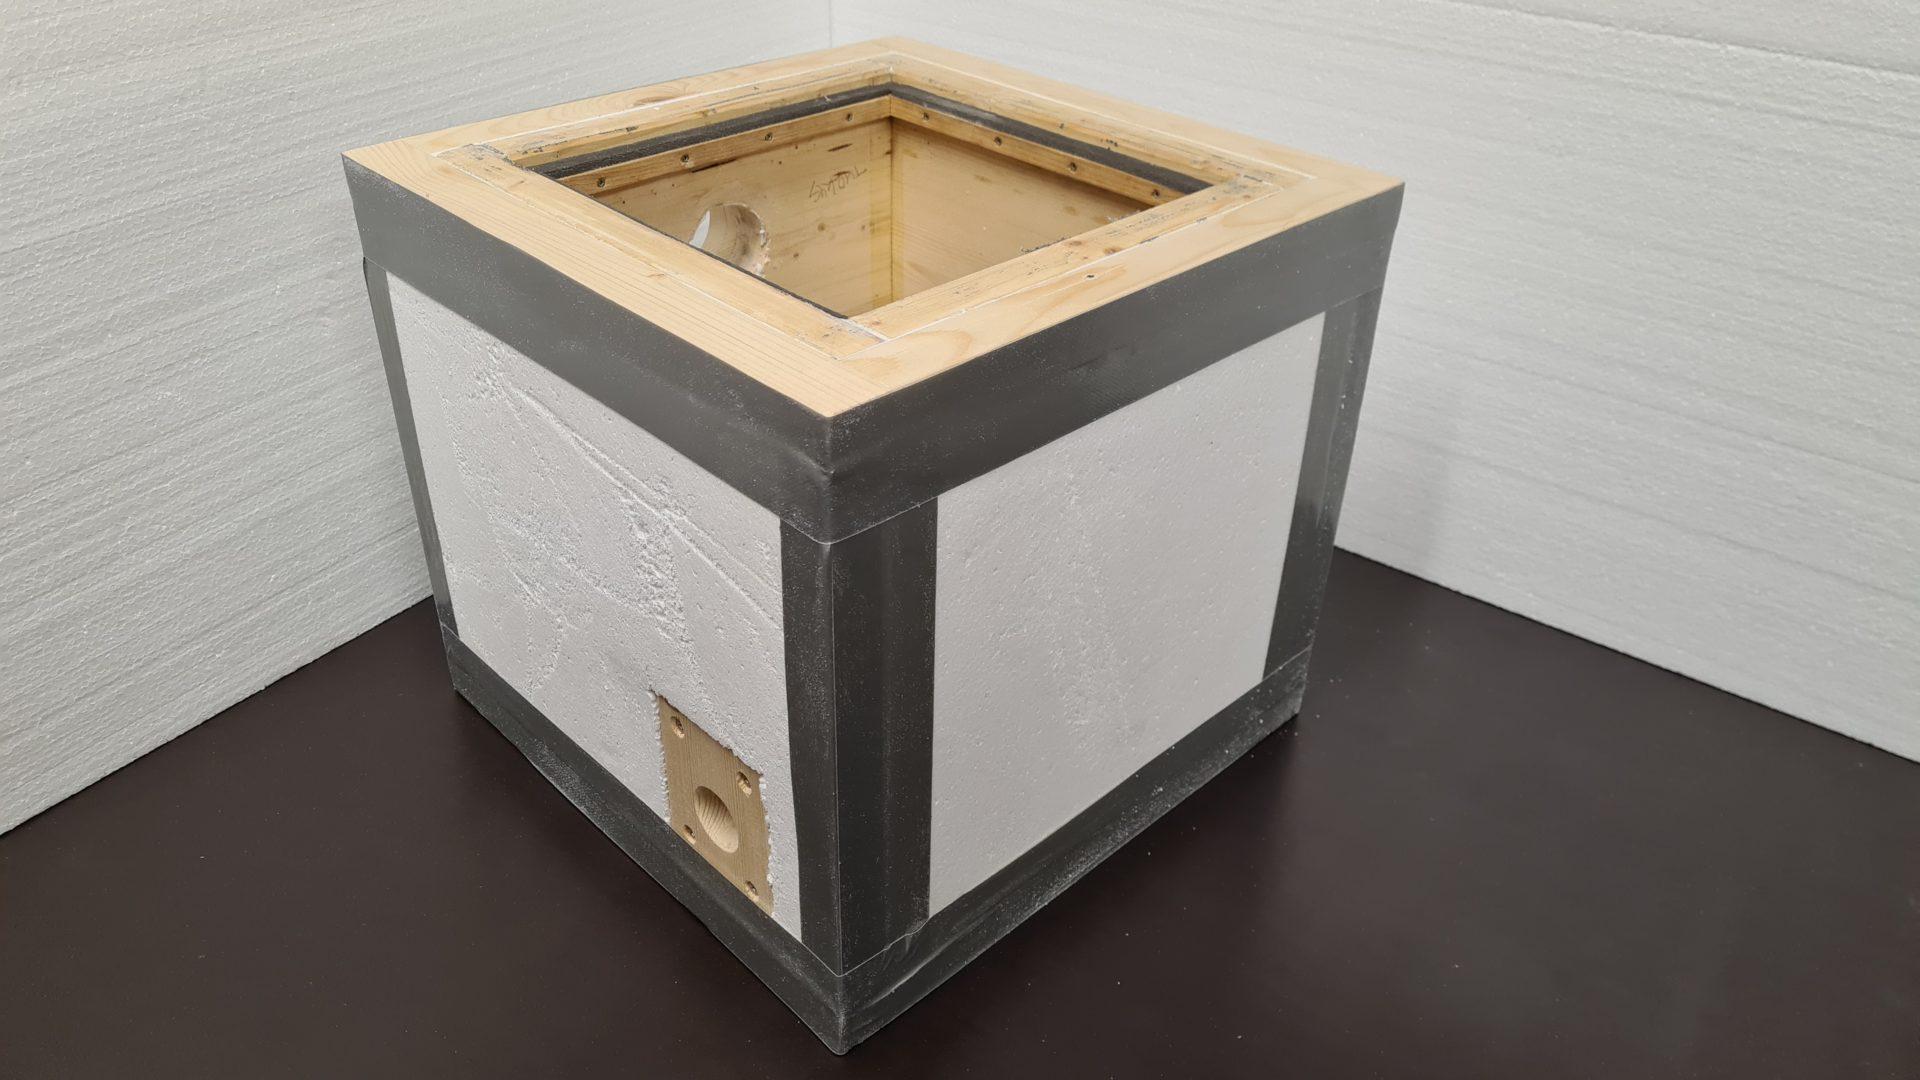 Čmeláci PLUS - Úprava korpusu ulku - Polystyren vložený do konstrukce